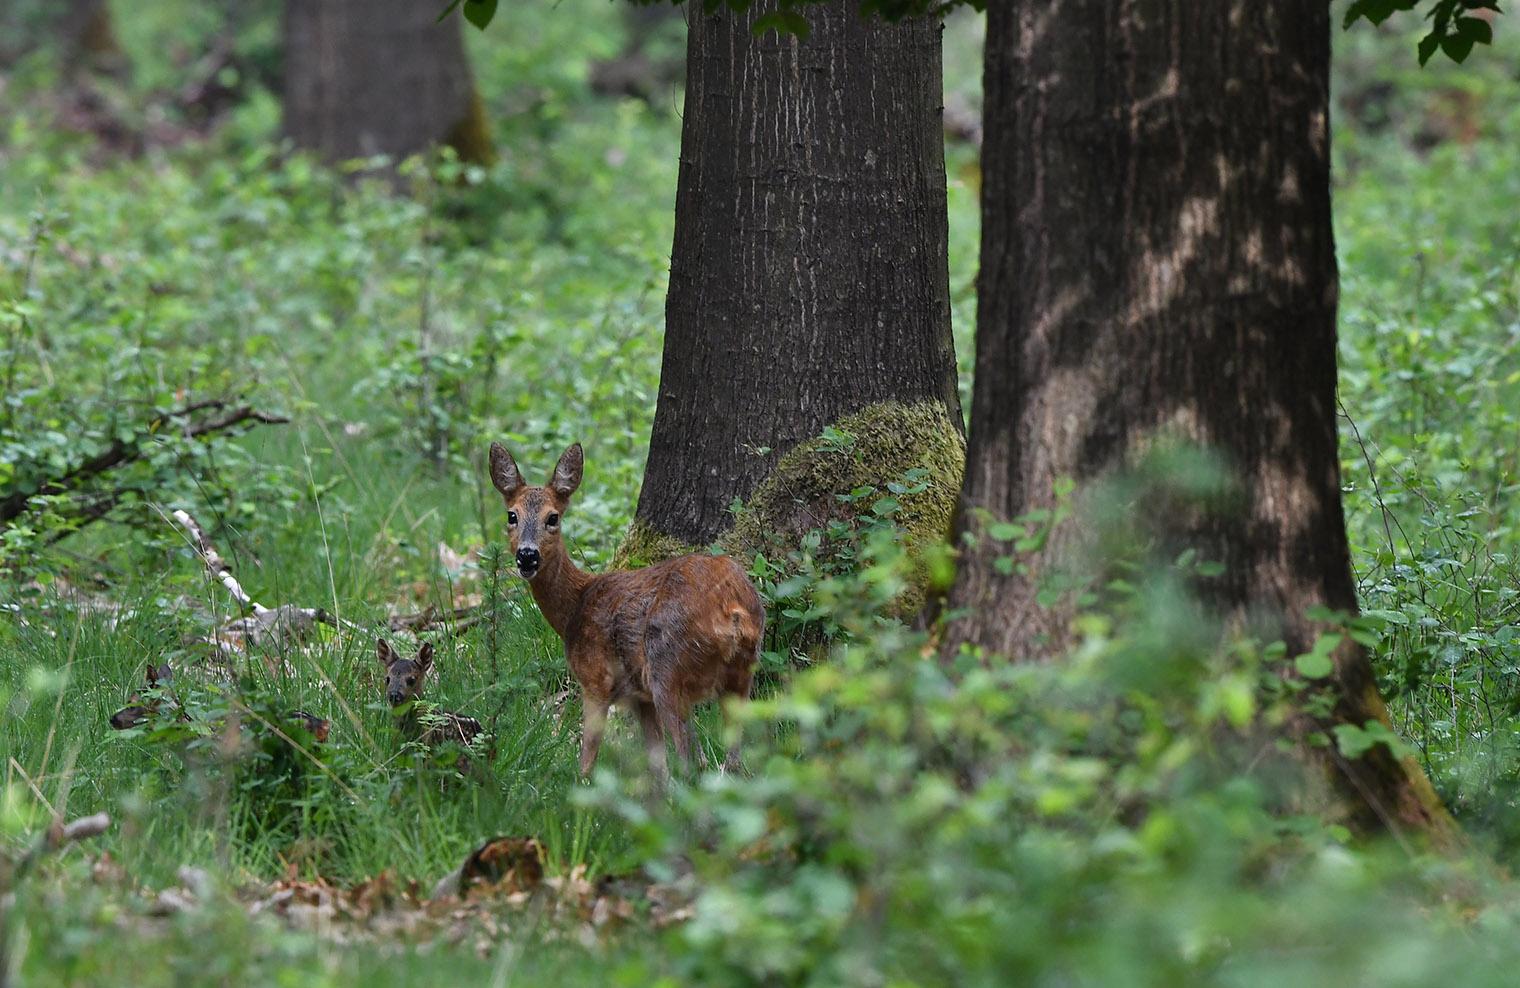 Een zorgzame reeënmoeder met haar kroost onder de woudreuzen van het bos - Foto: ©Louis Fraanje